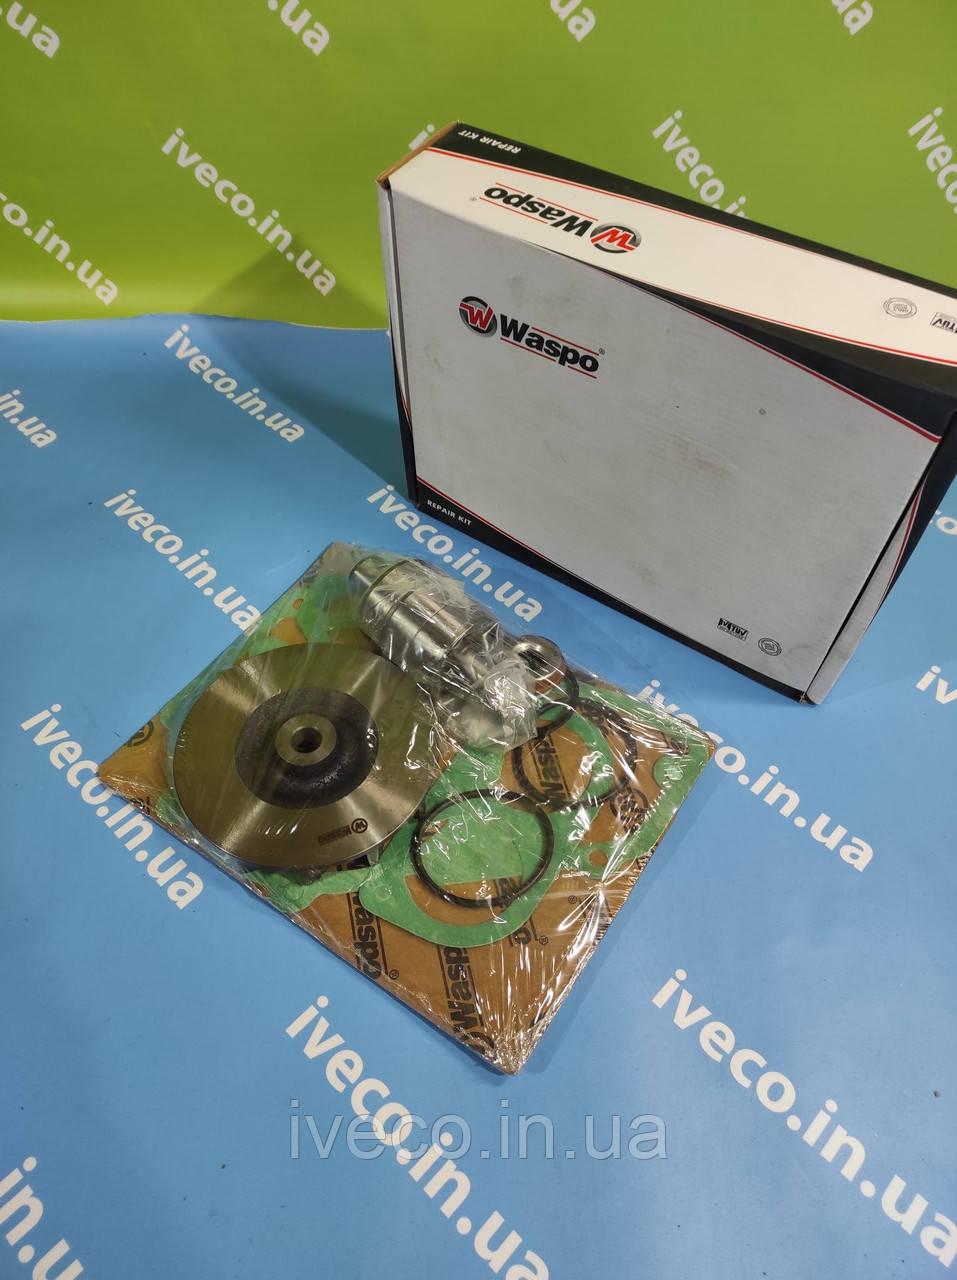 Комплект ремонтный помпы MB NG SK OM423.950 443.980 444.901 4222000404 WA211-7702